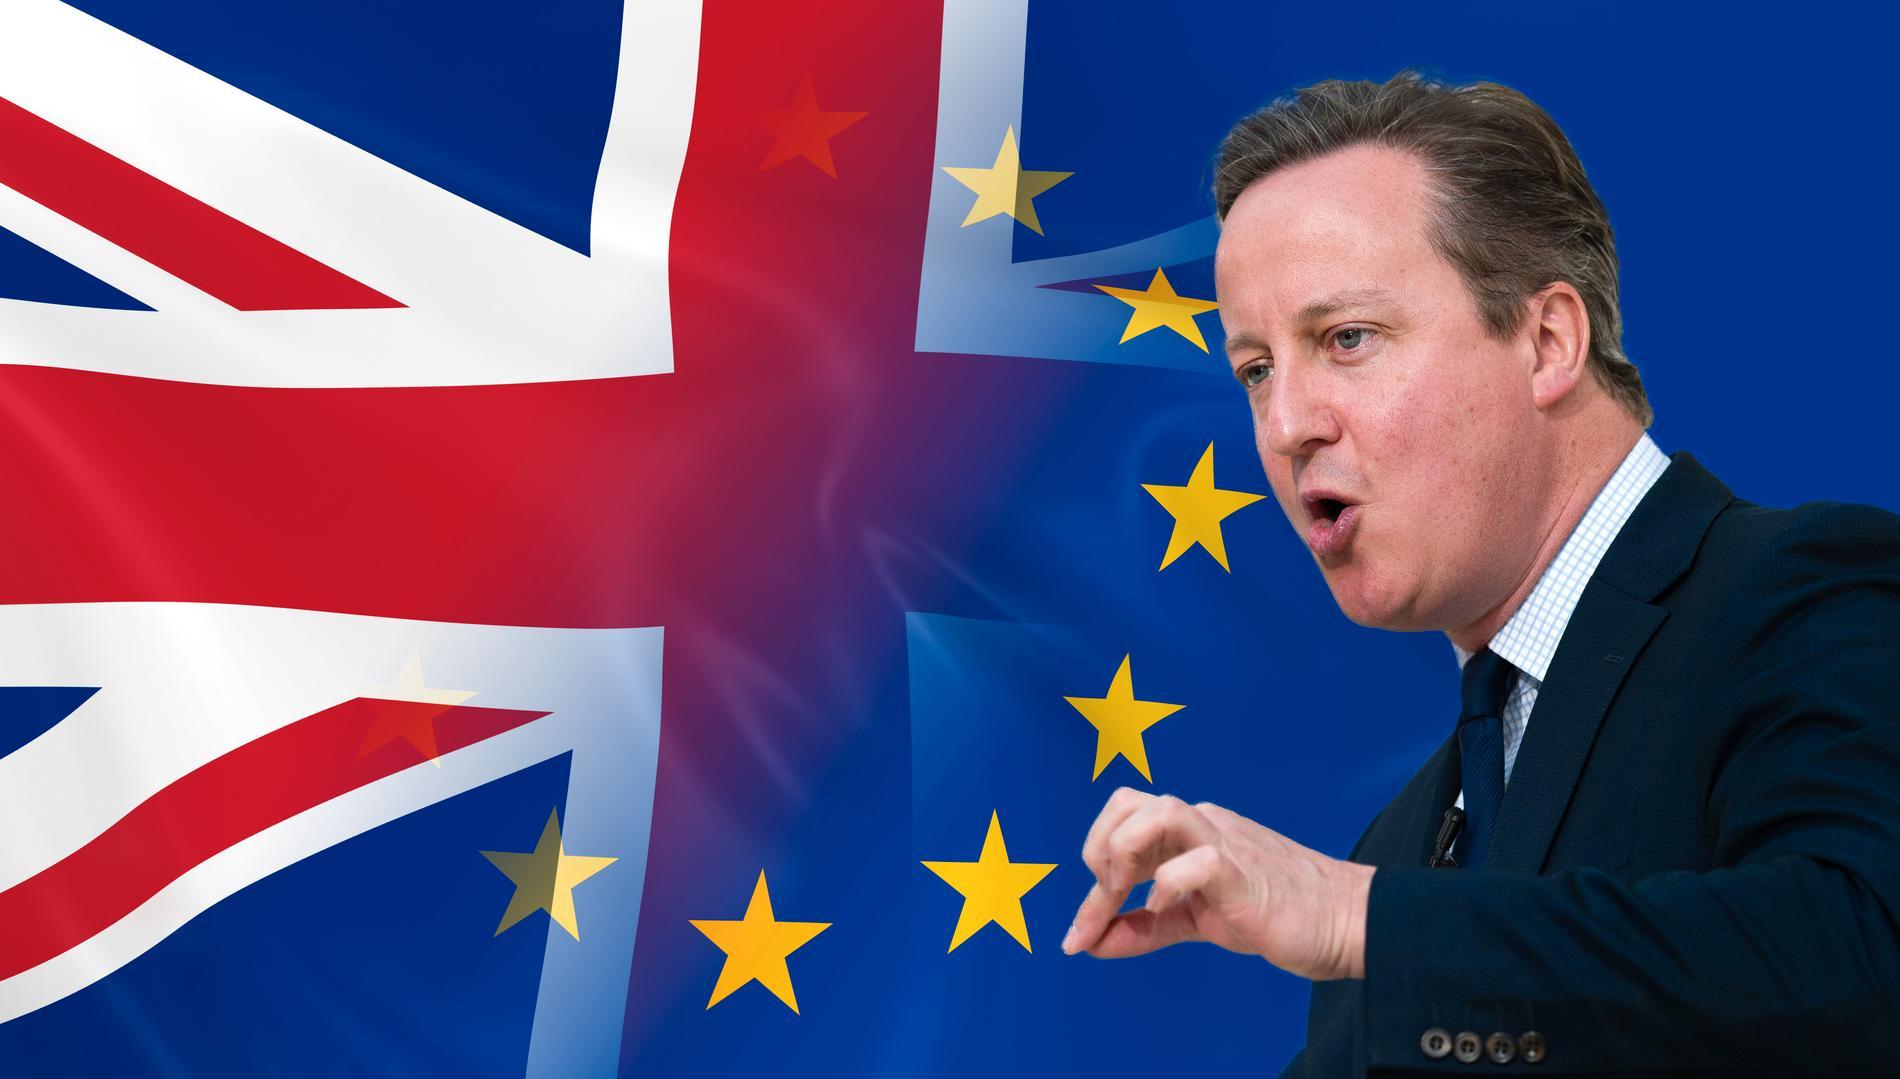 SPELAR ETT HÖGT SPEL. Premiärminister Cameron utlyste folkomröstningen – som kan sluta hur som helst.